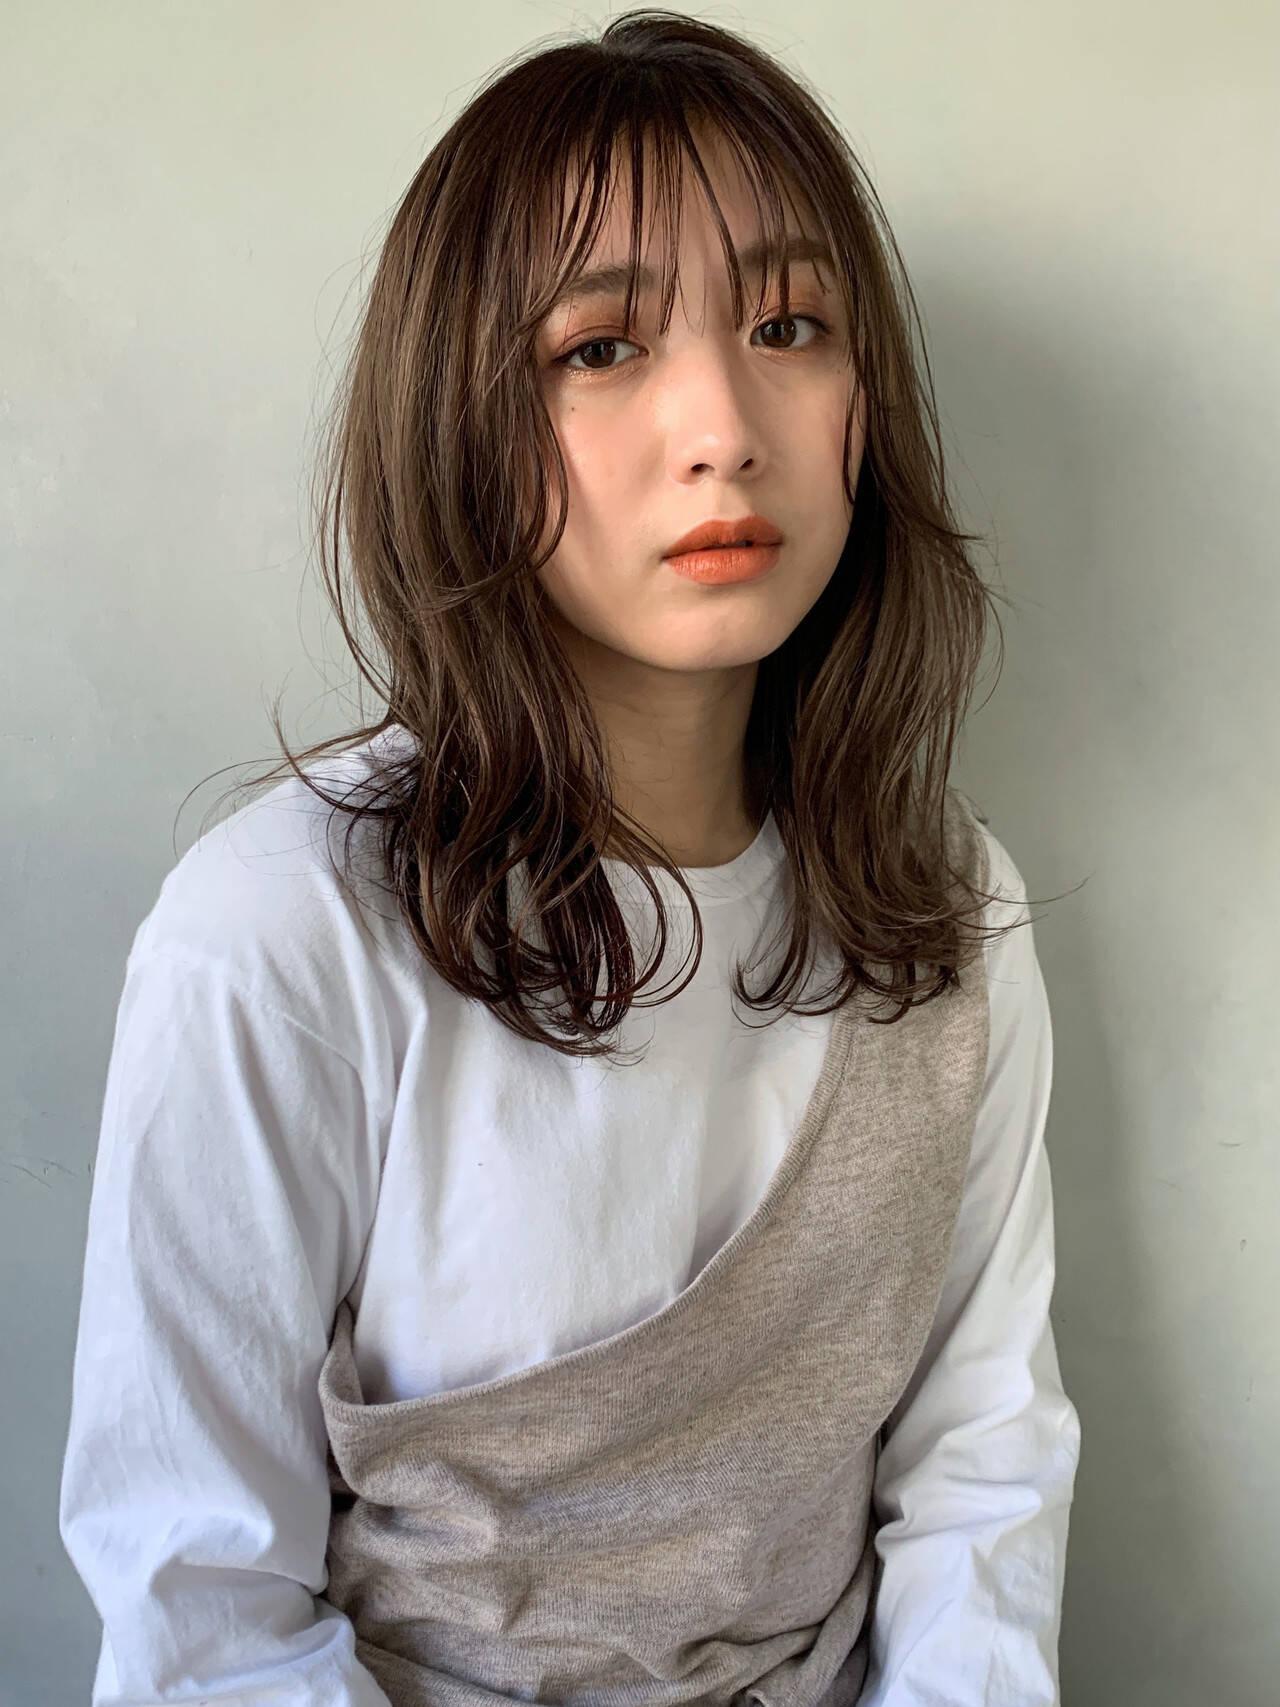 アンニュイほつれヘア シアーベージュ ミディアム 透明感カラーヘアスタイルや髪型の写真・画像